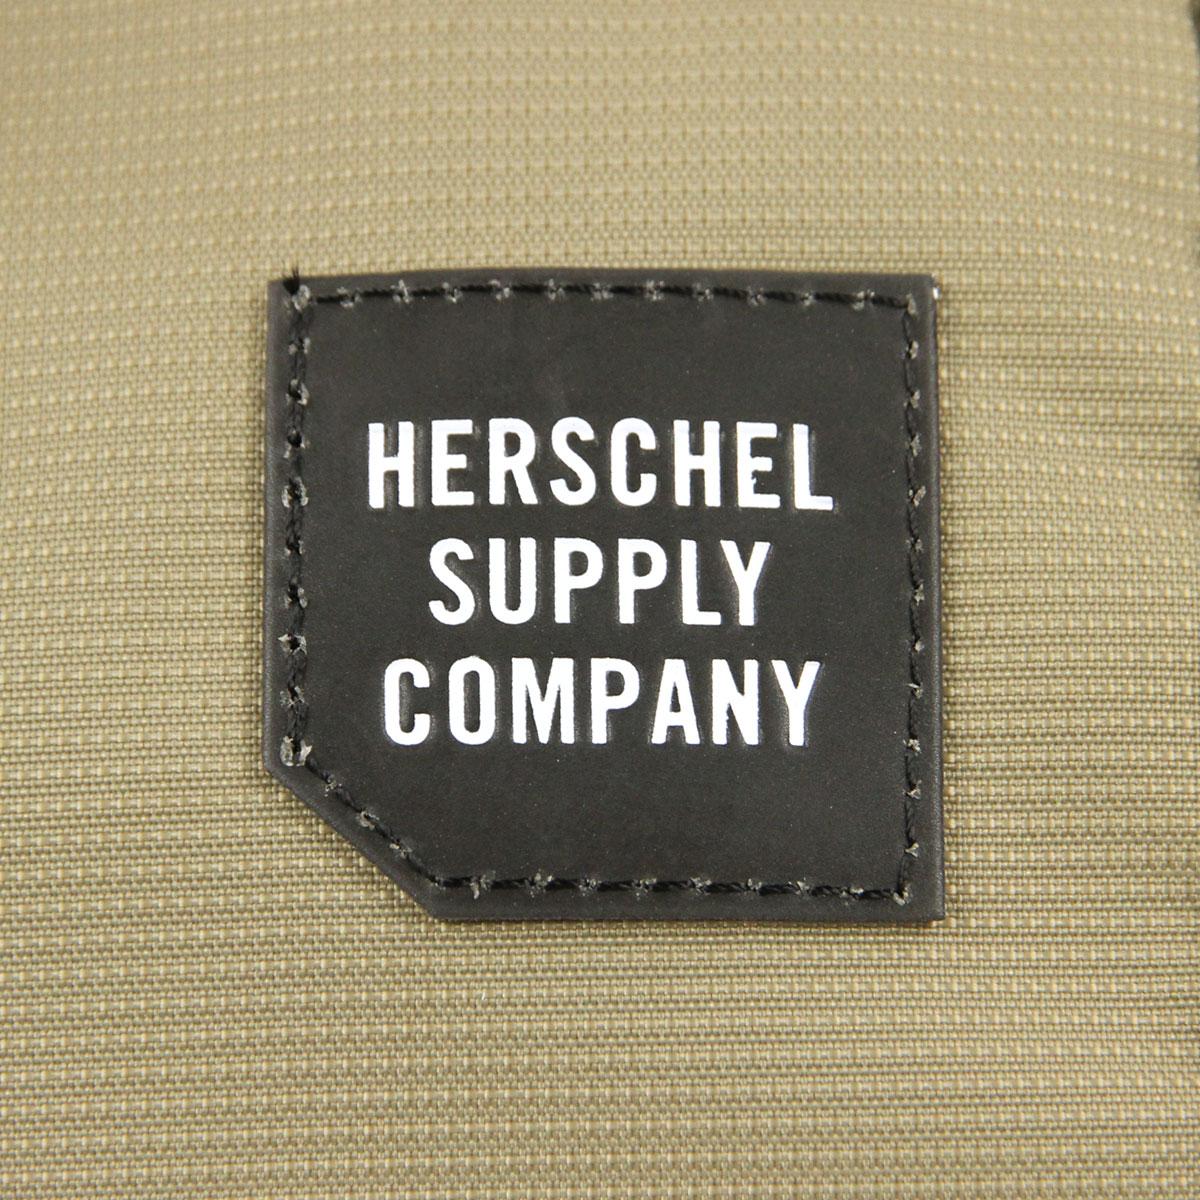 herschel_5